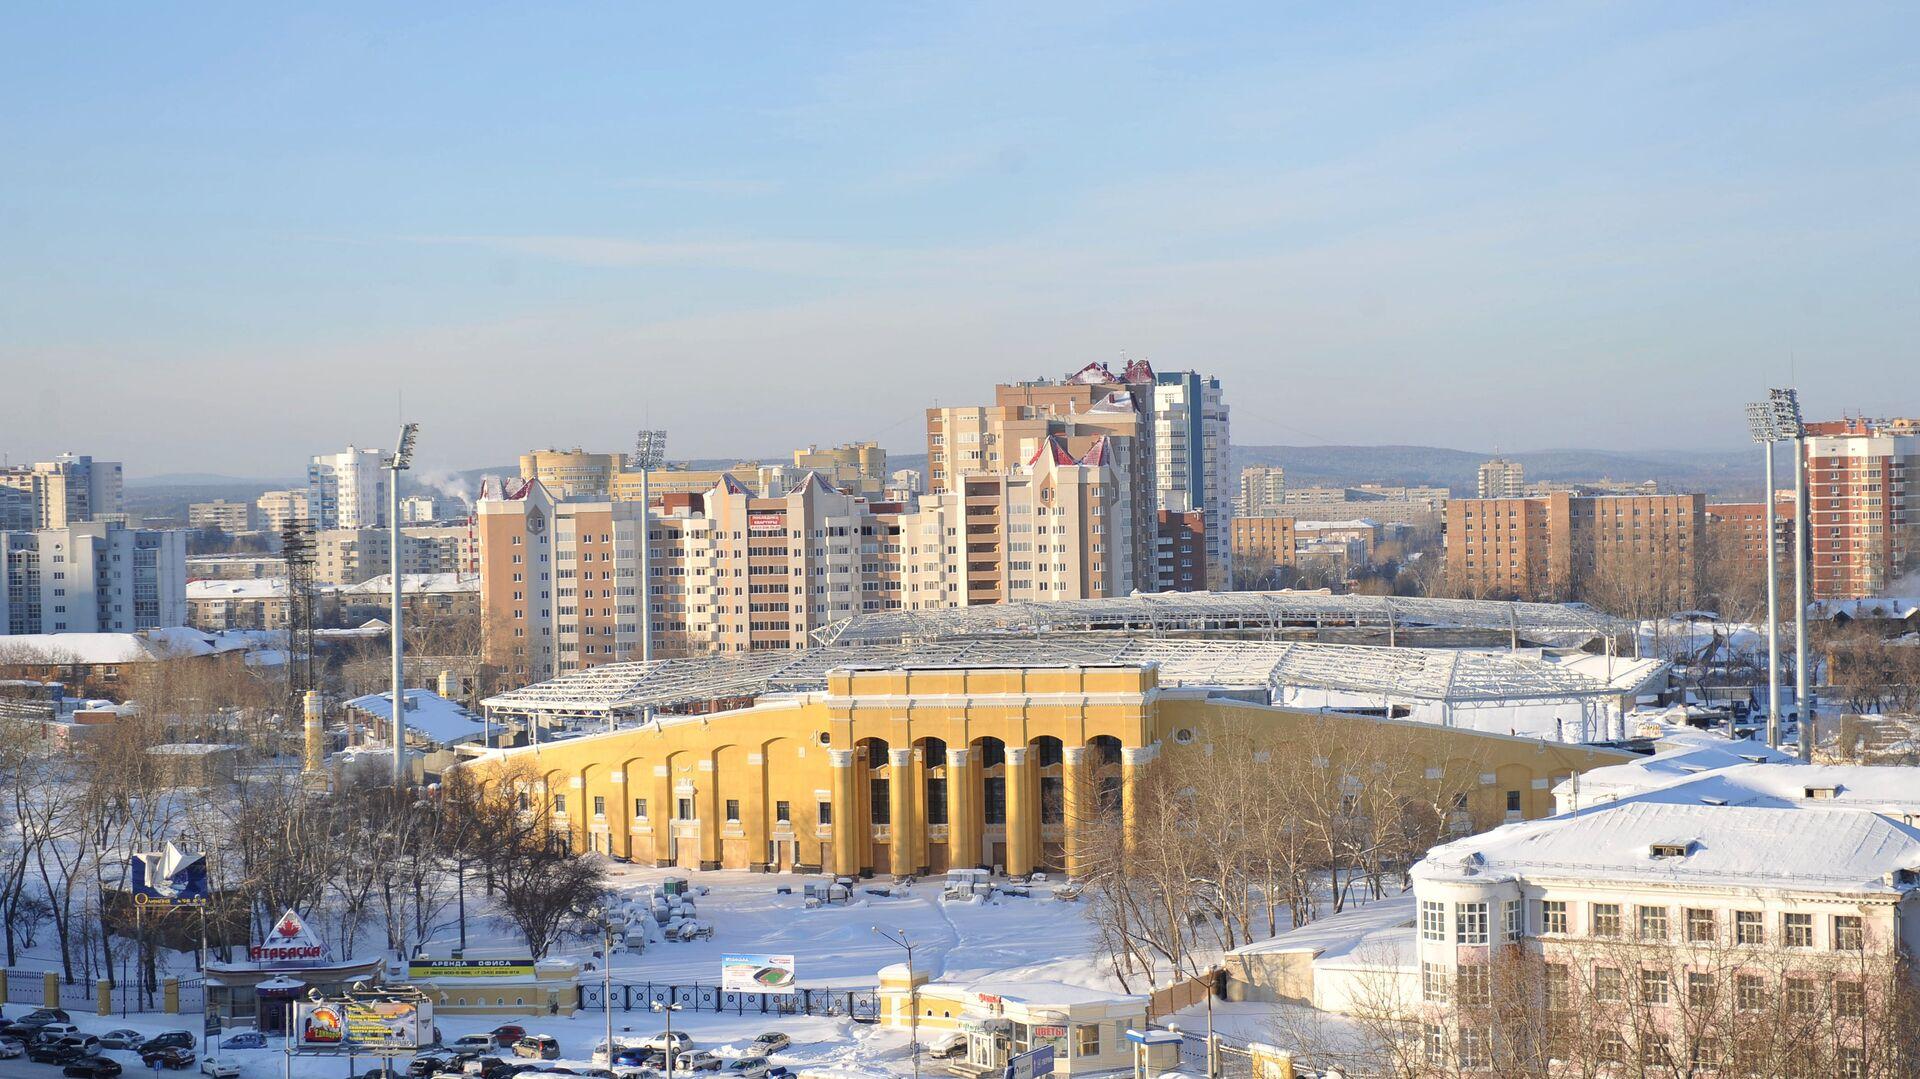 Реконструкция центрального стадиона в Екатеринбурге - РИА Новости, 1920, 13.12.2020